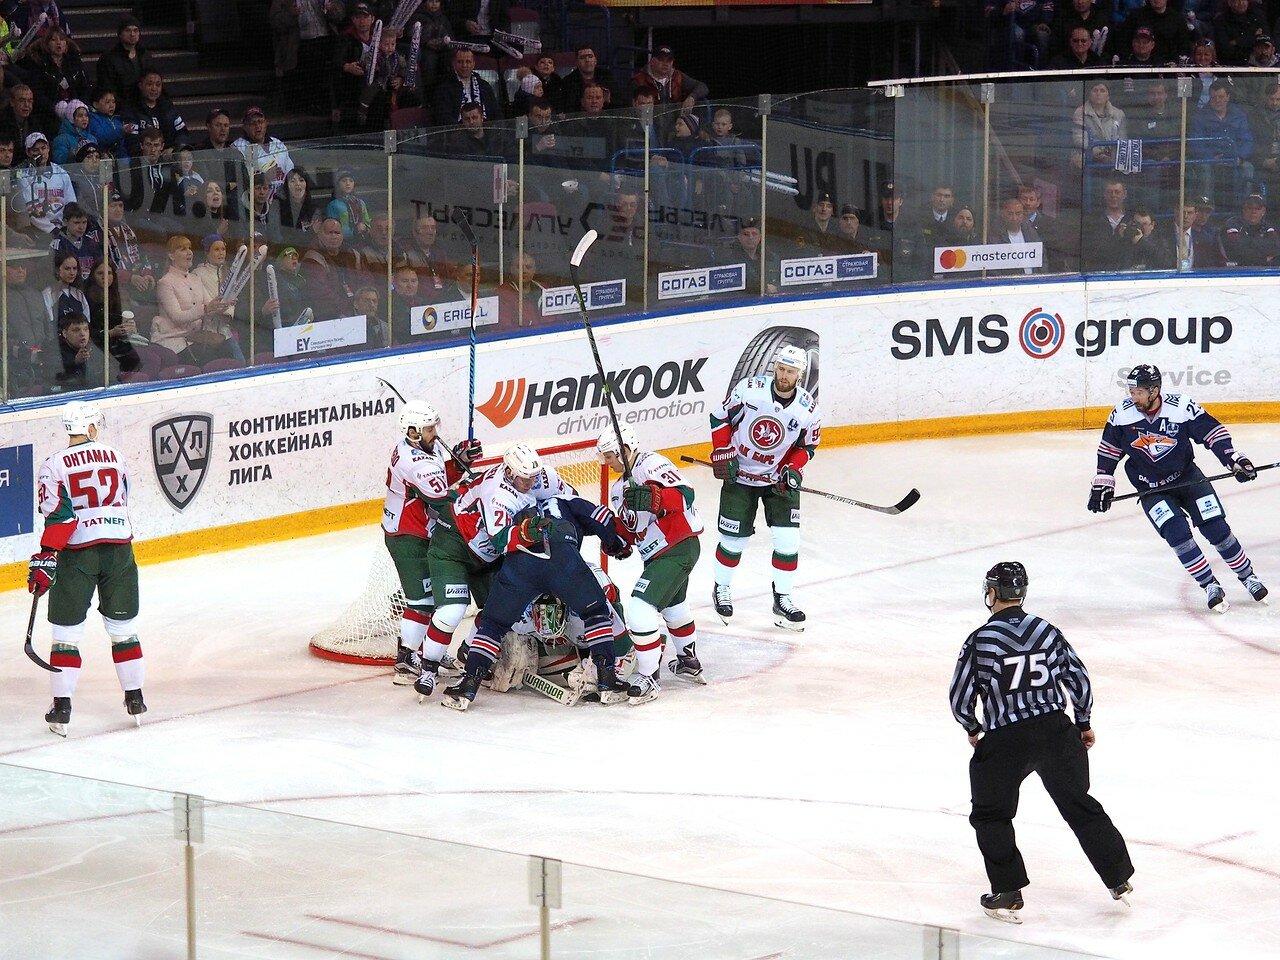 42 Первая игра финала плей-офф восточной конференции 2017 Металлург - АкБарс 24.03.2017